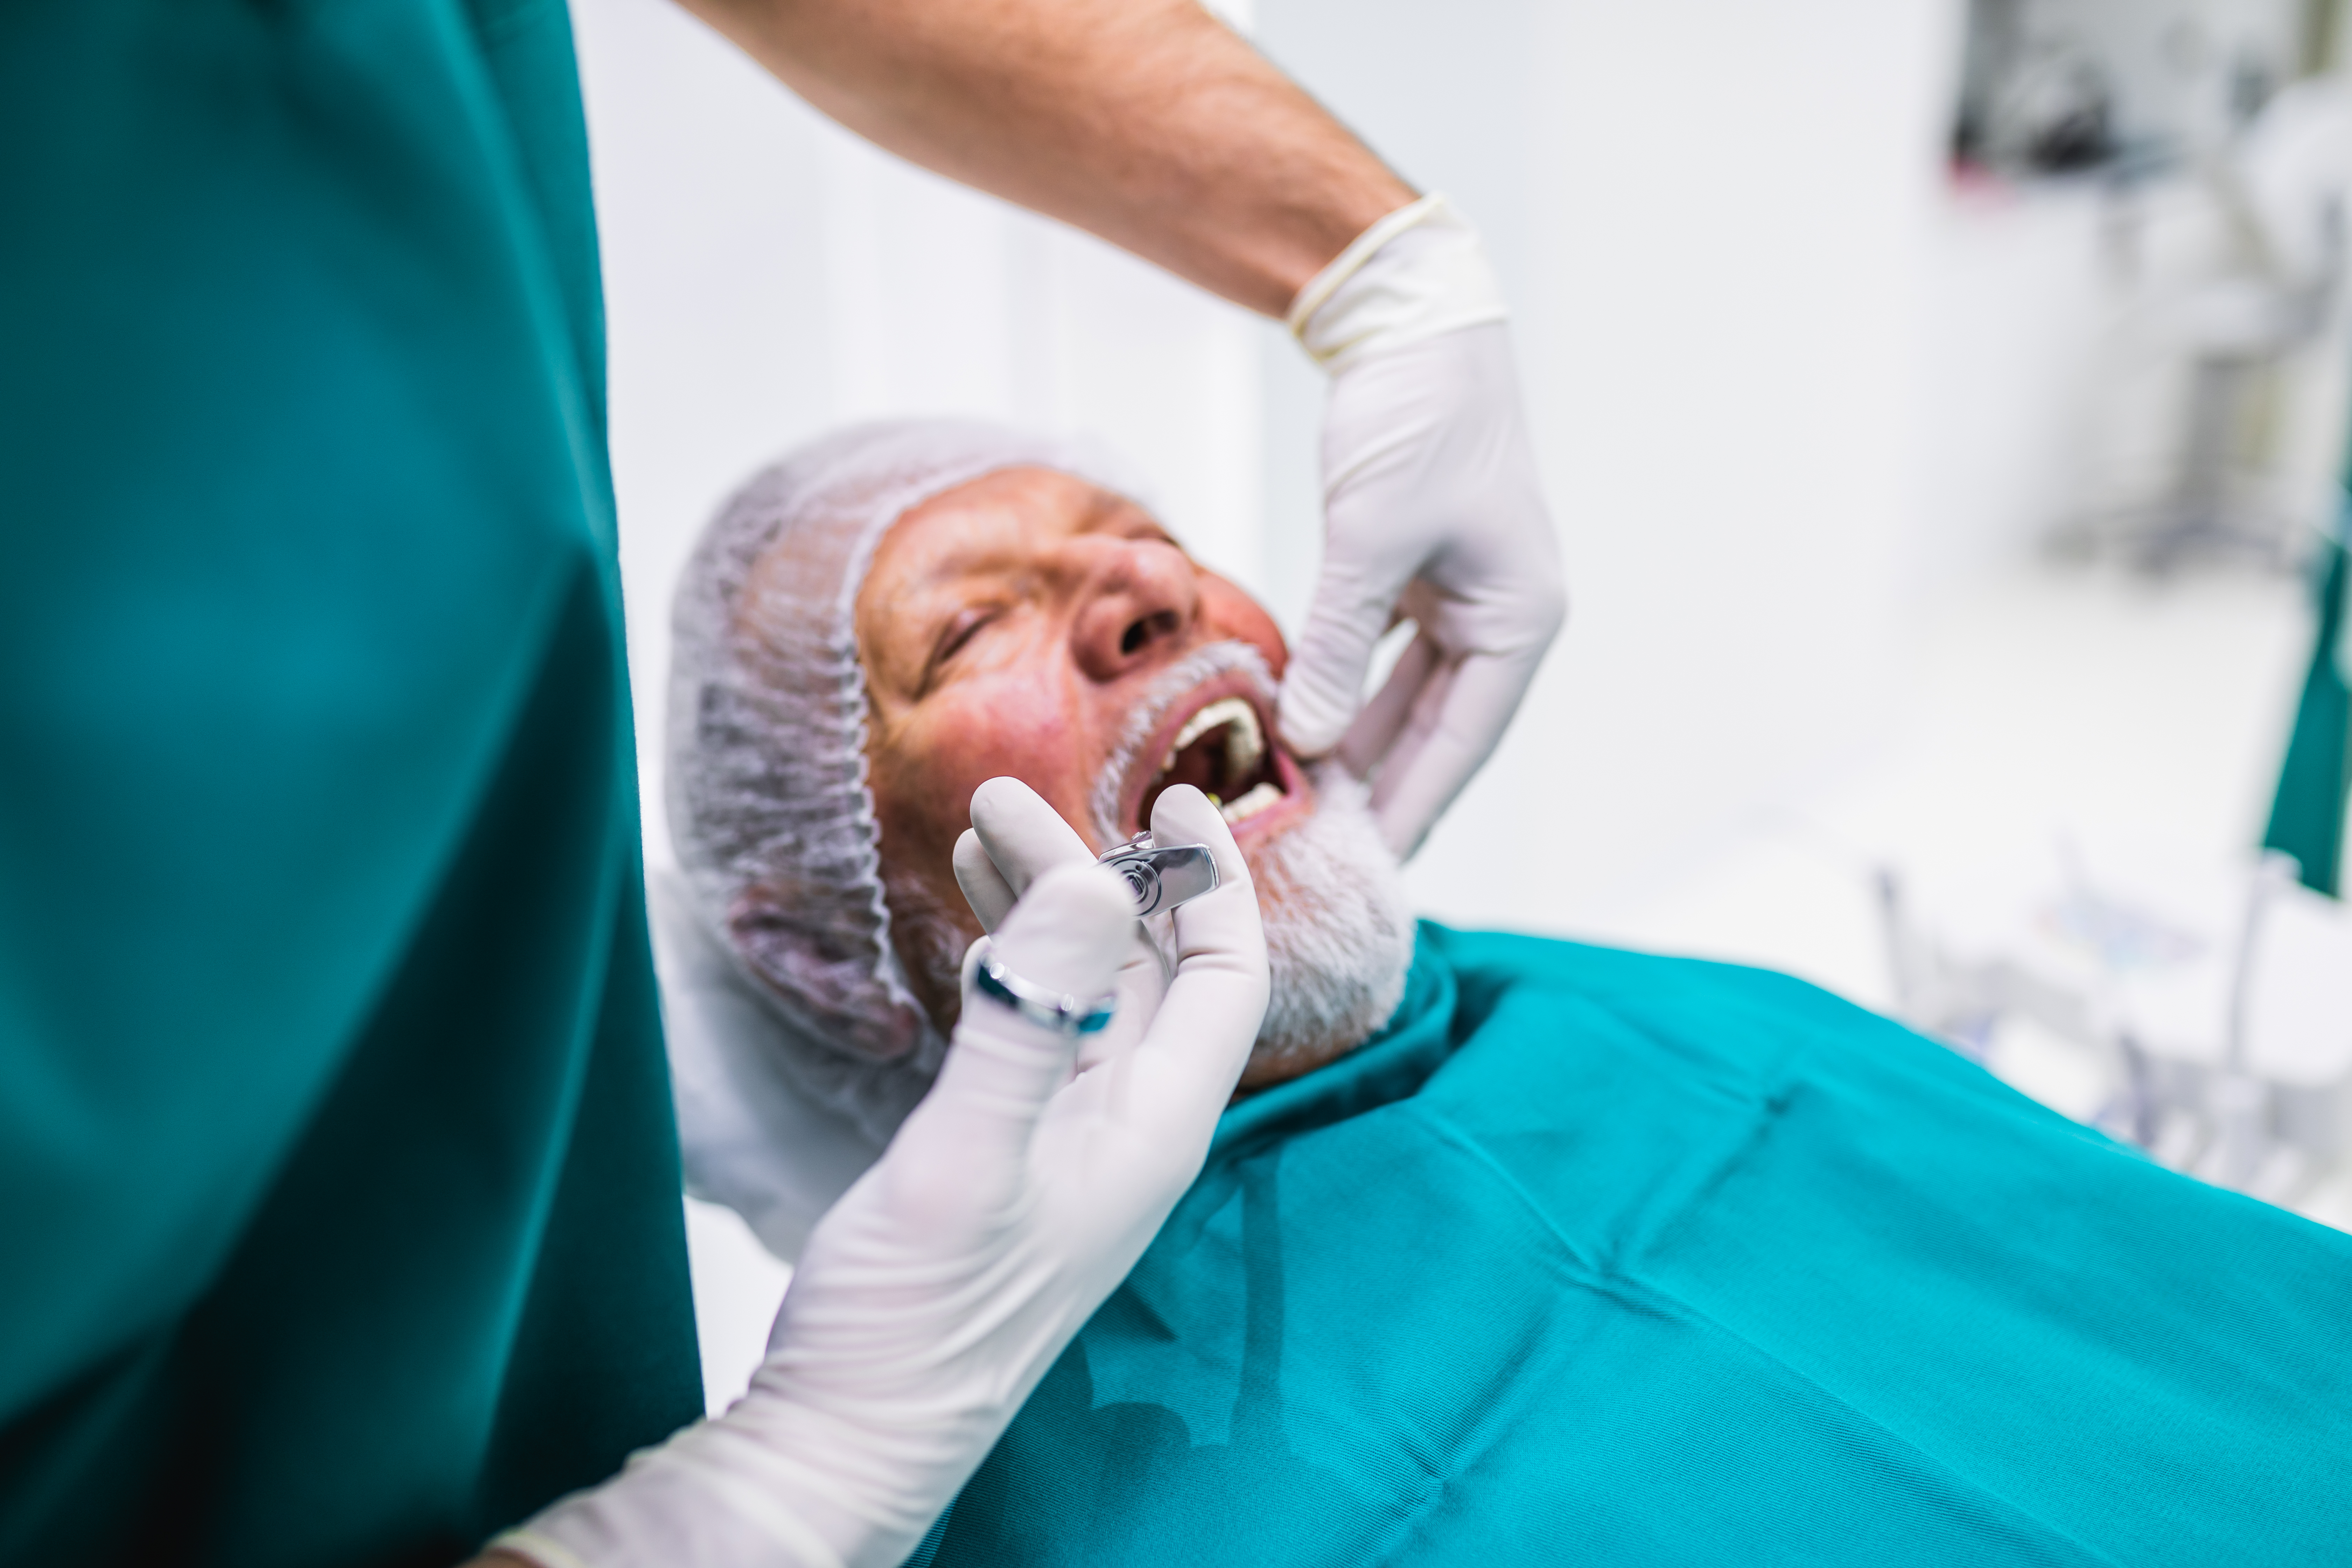 Den sociala kontakten är viktig, men går att minimera. Något som kan vara svårare att undvika är behovet av akut sjukvård och tandvård.